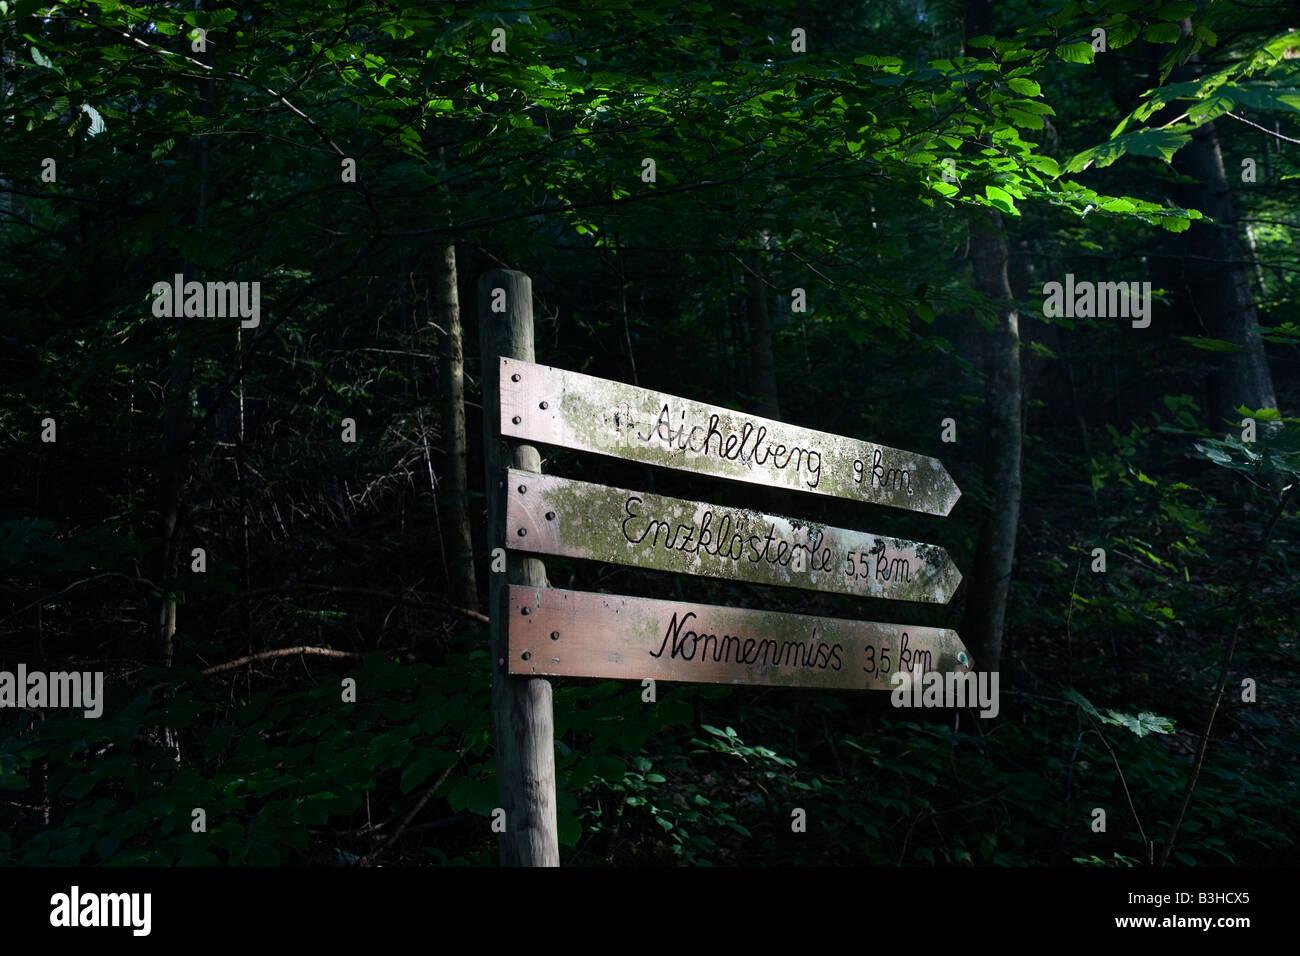 Ruta a pie signo marca distancia en km a través del bosque oscuro en la región de la Selva Negra alemana cerca de la aldea de Kälbermühle Foto de stock